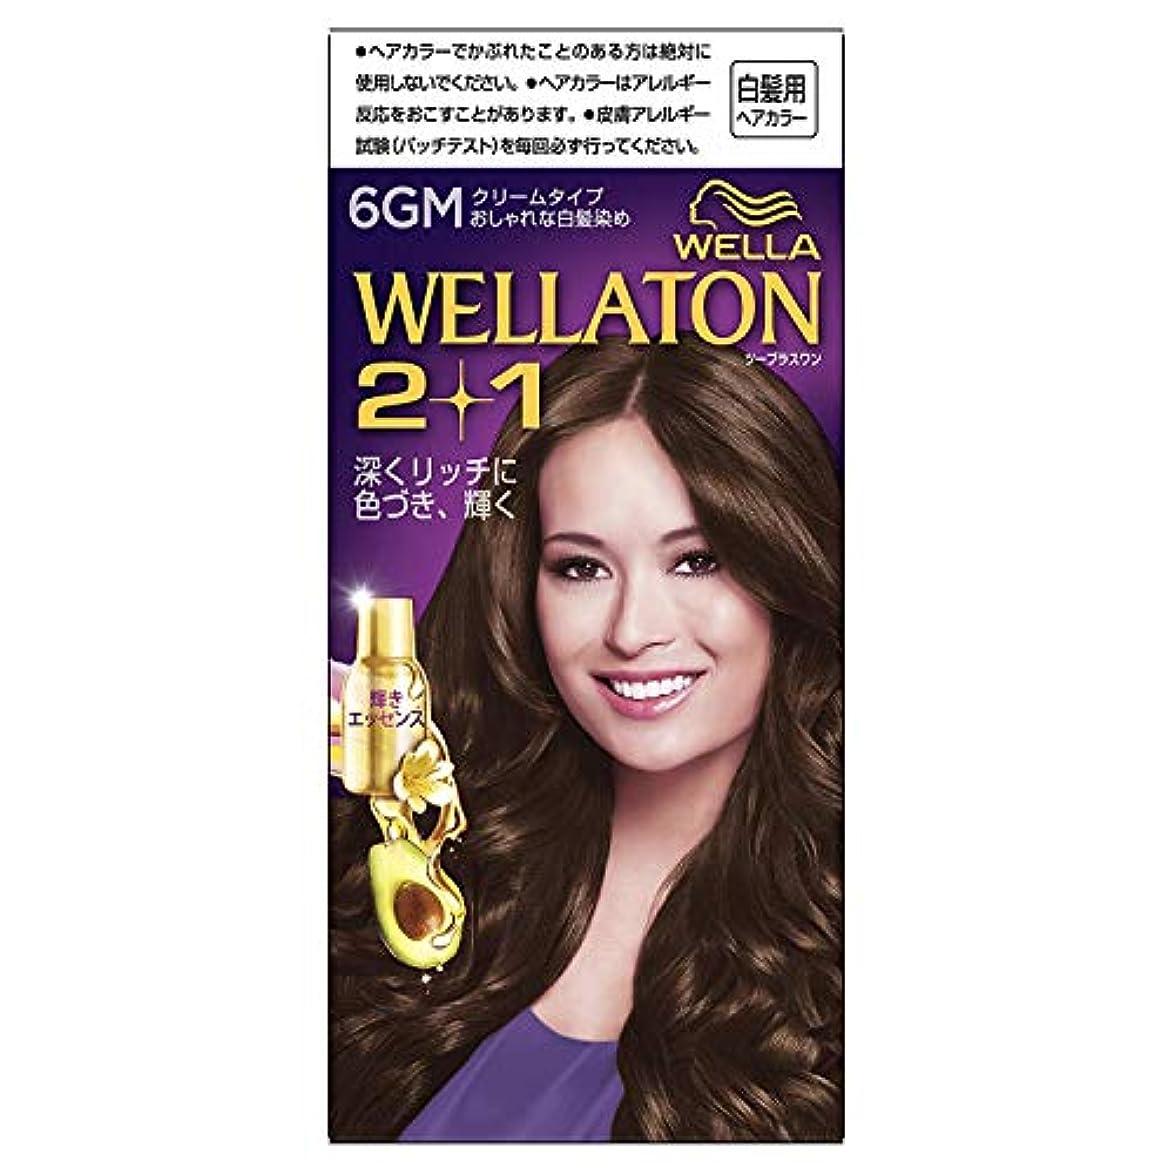 翻訳豊かにする空気ウエラトーン2+1 クリームタイプ 6GM [医薬部外品]×6個